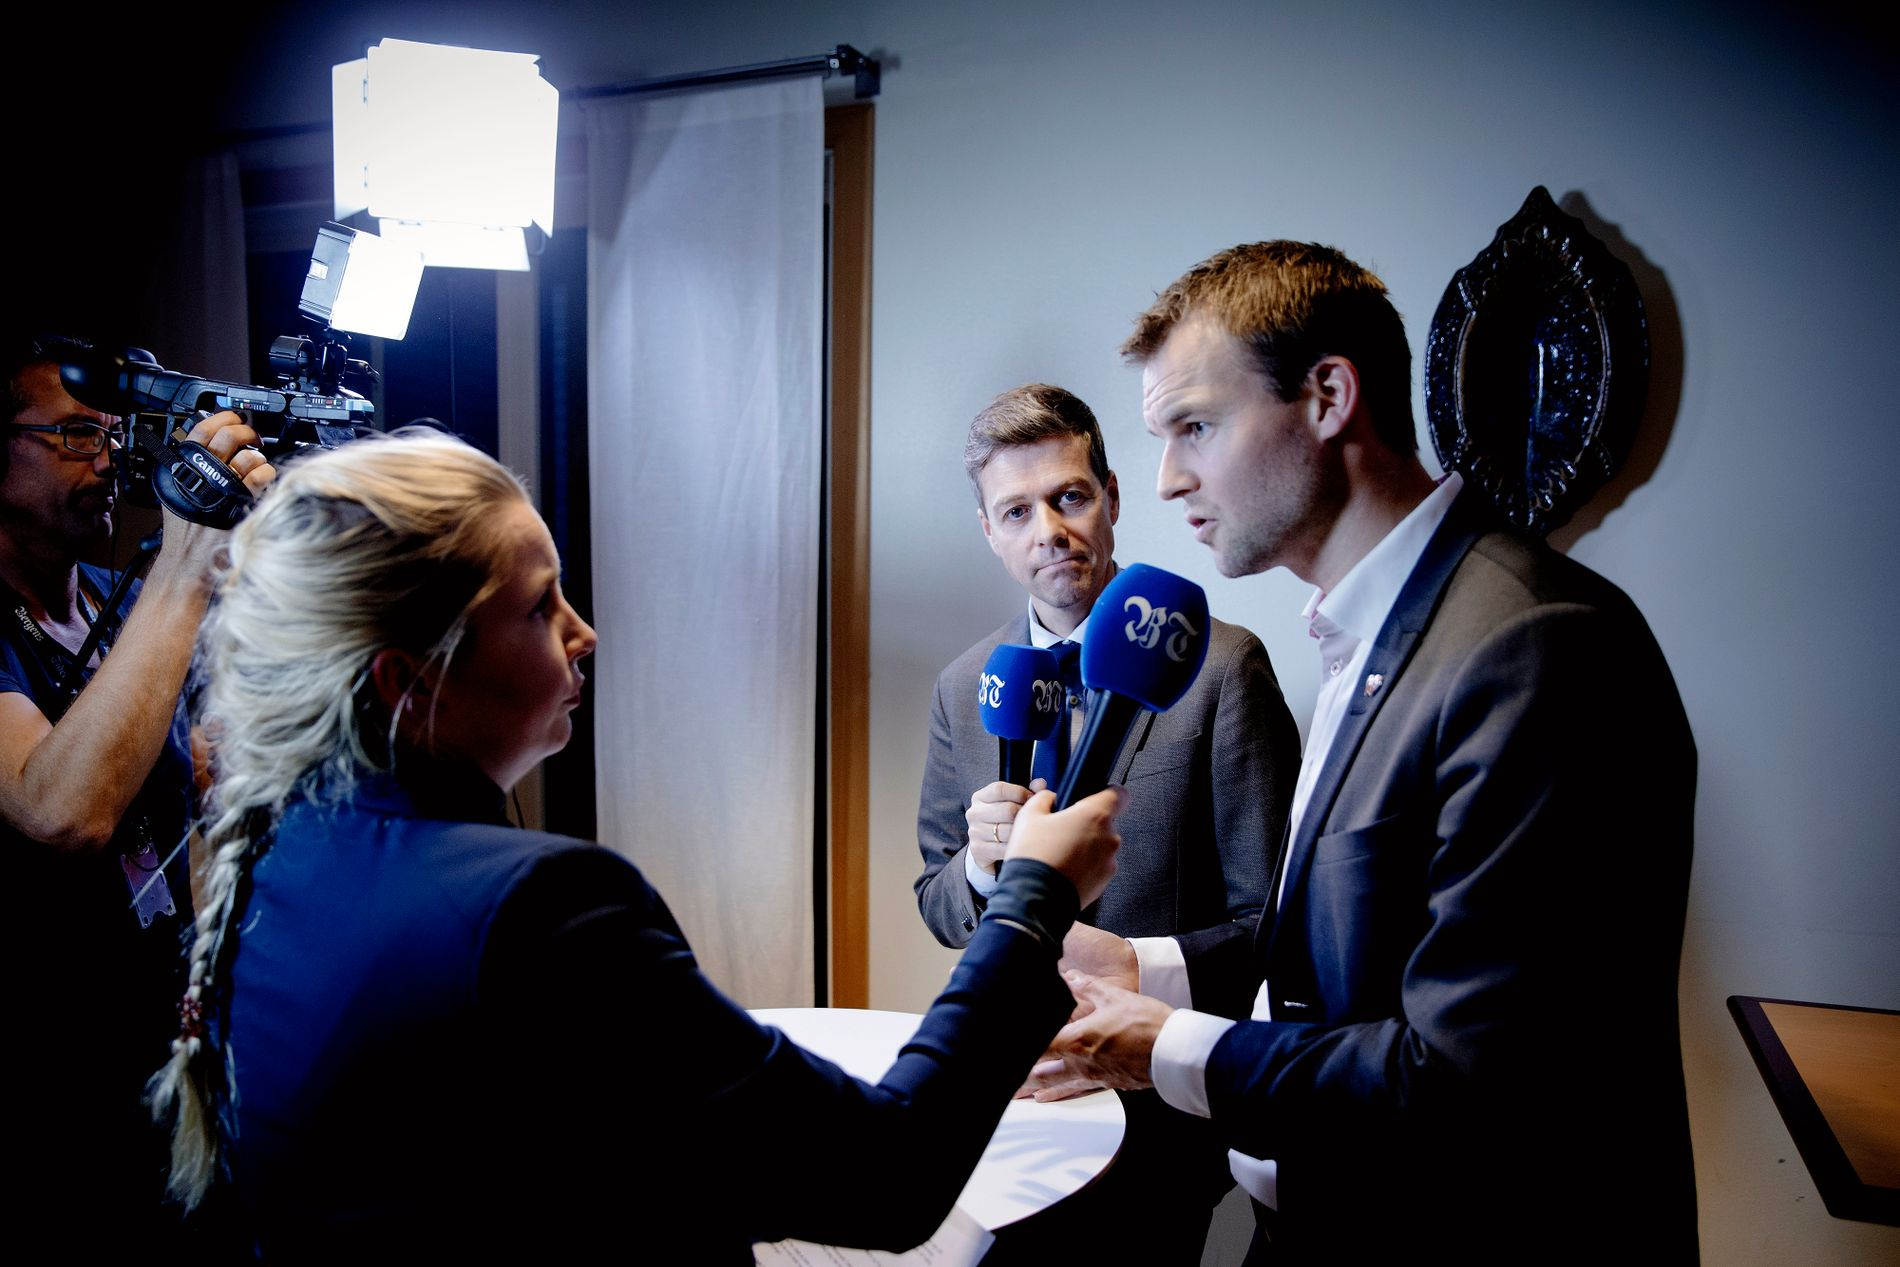 ABORTKRAV: KrFs nestleder Kjell Ingolf Ropstad mener det bør være et av partiets viktigste krav i regjeringsforhandlinger å fjerne den såkalte «Downs-paragrafen» i abortloven.